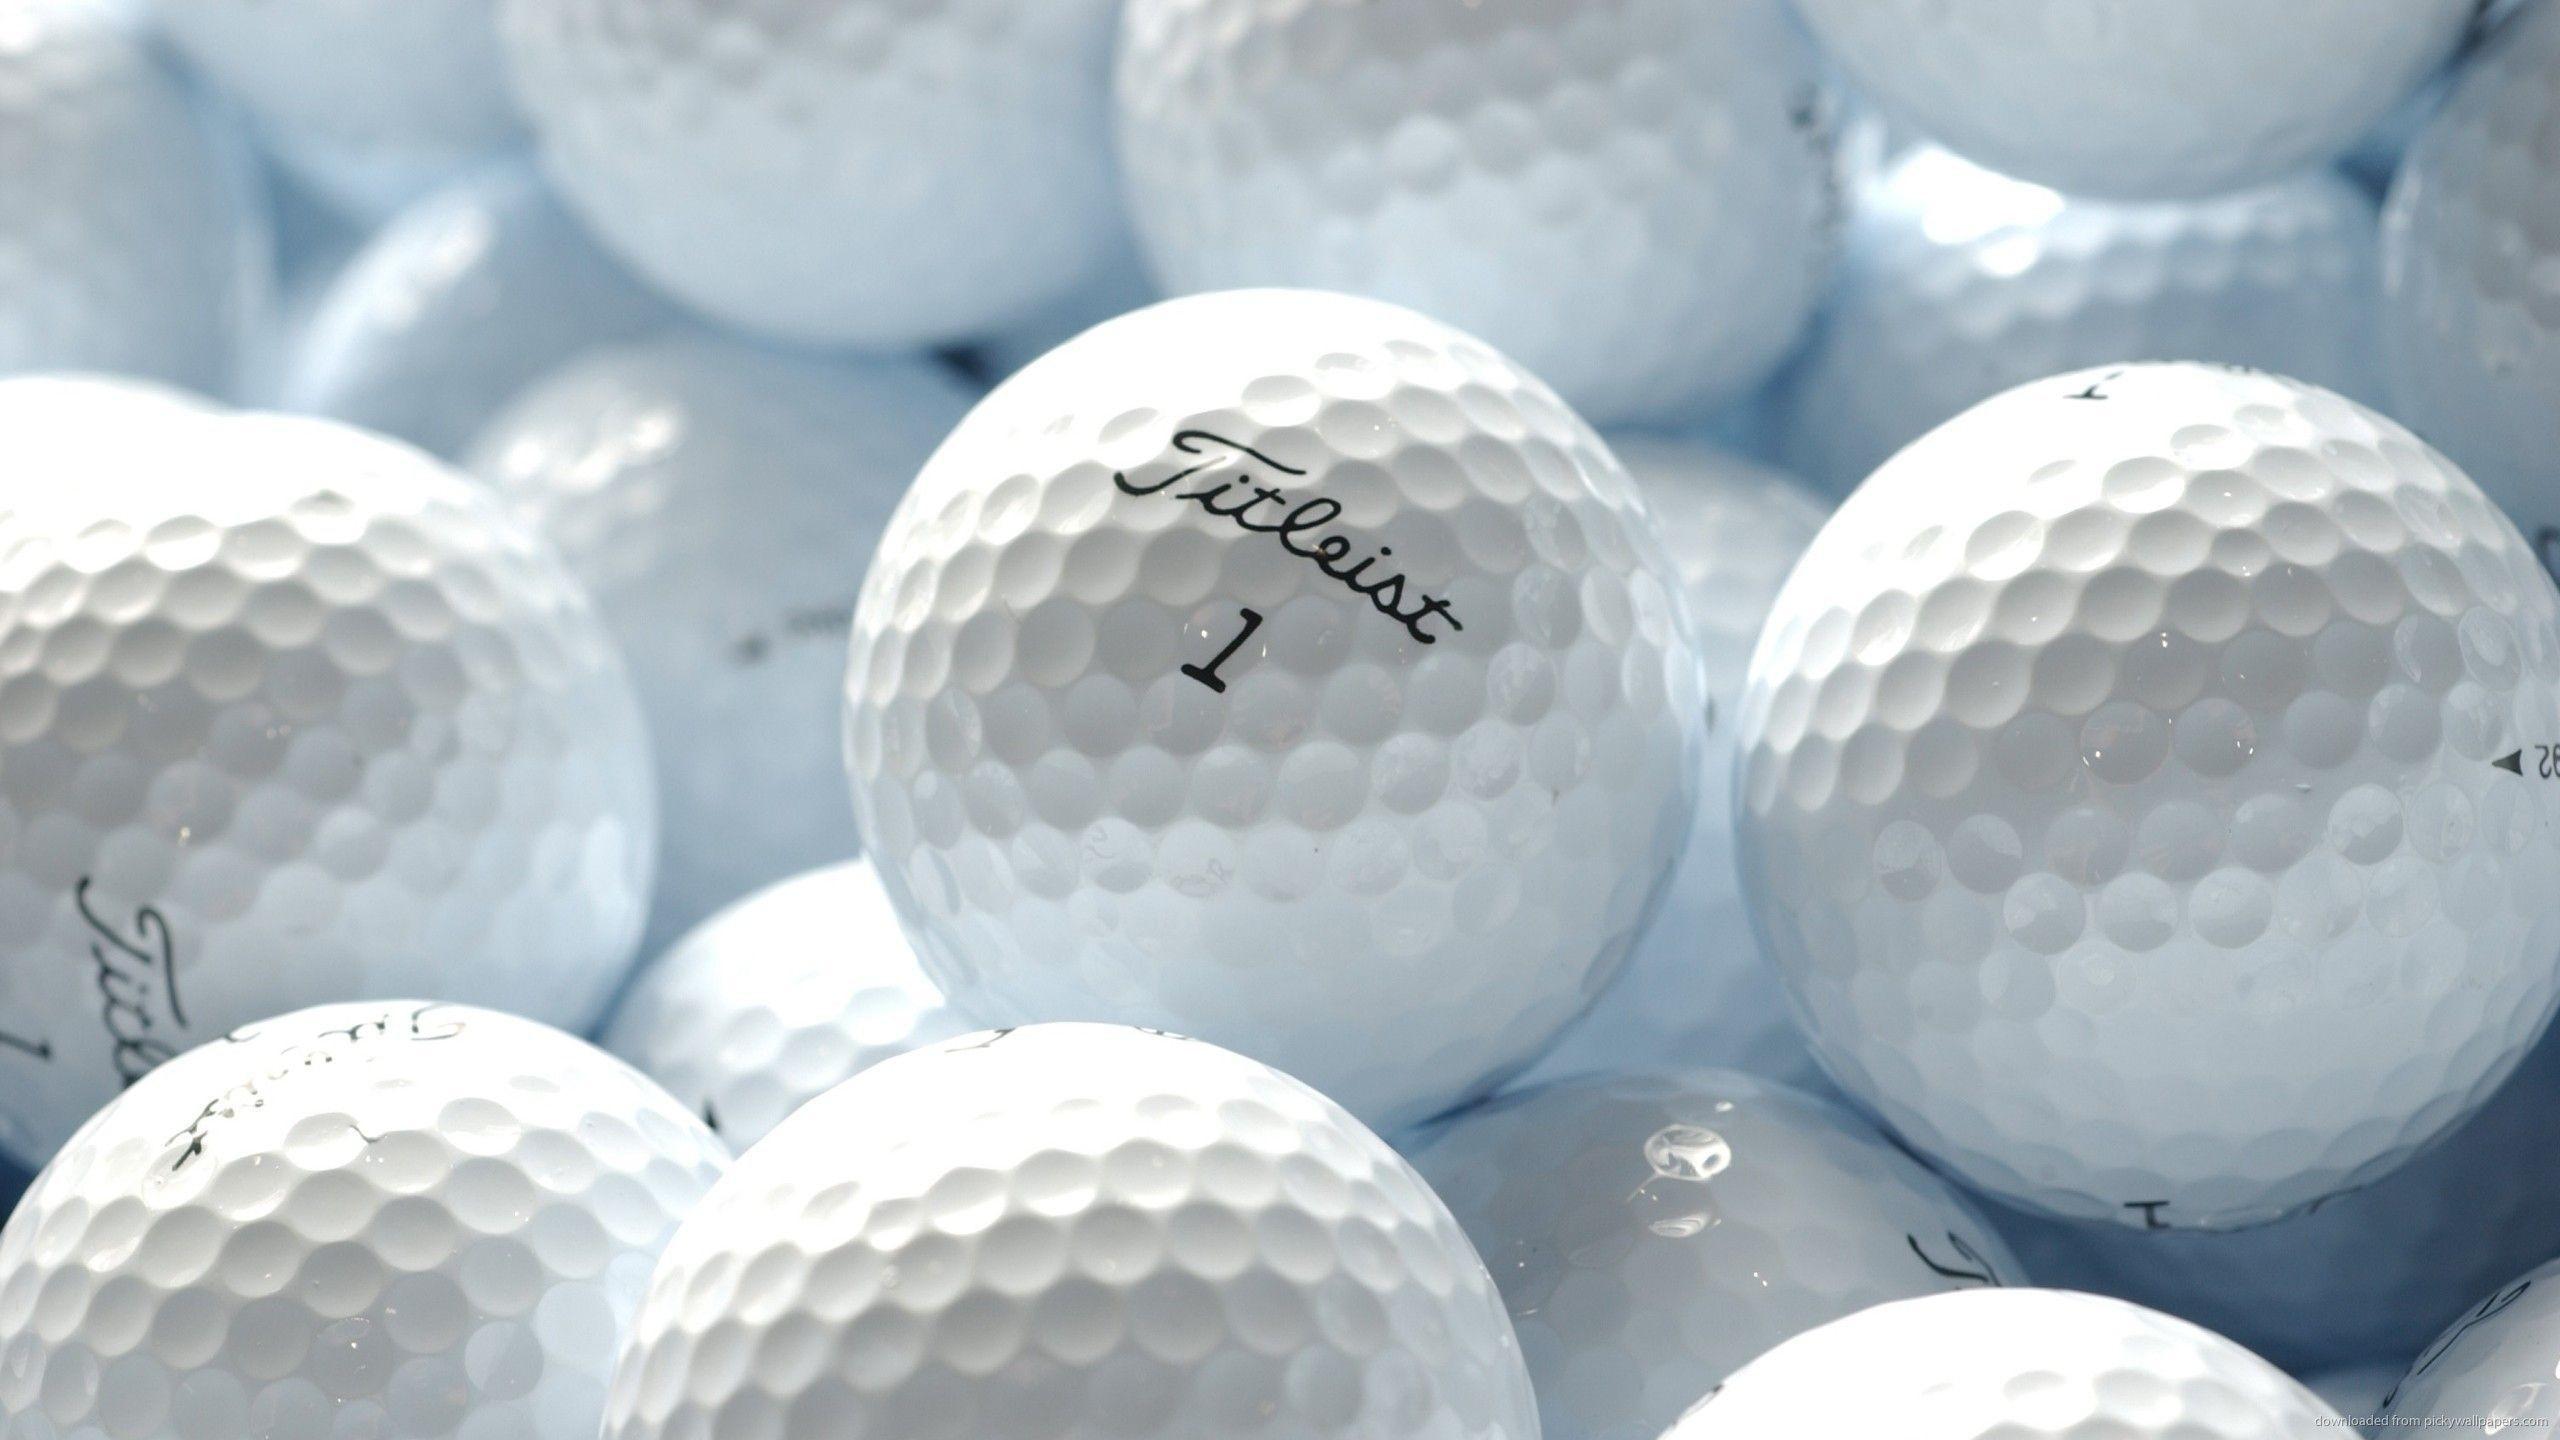 Res: 2560x1440, Golf Grass Wallpaper HD Resolution Iphone Grass 1023×639 Golf Wallpapers  (50 Wallpapers)